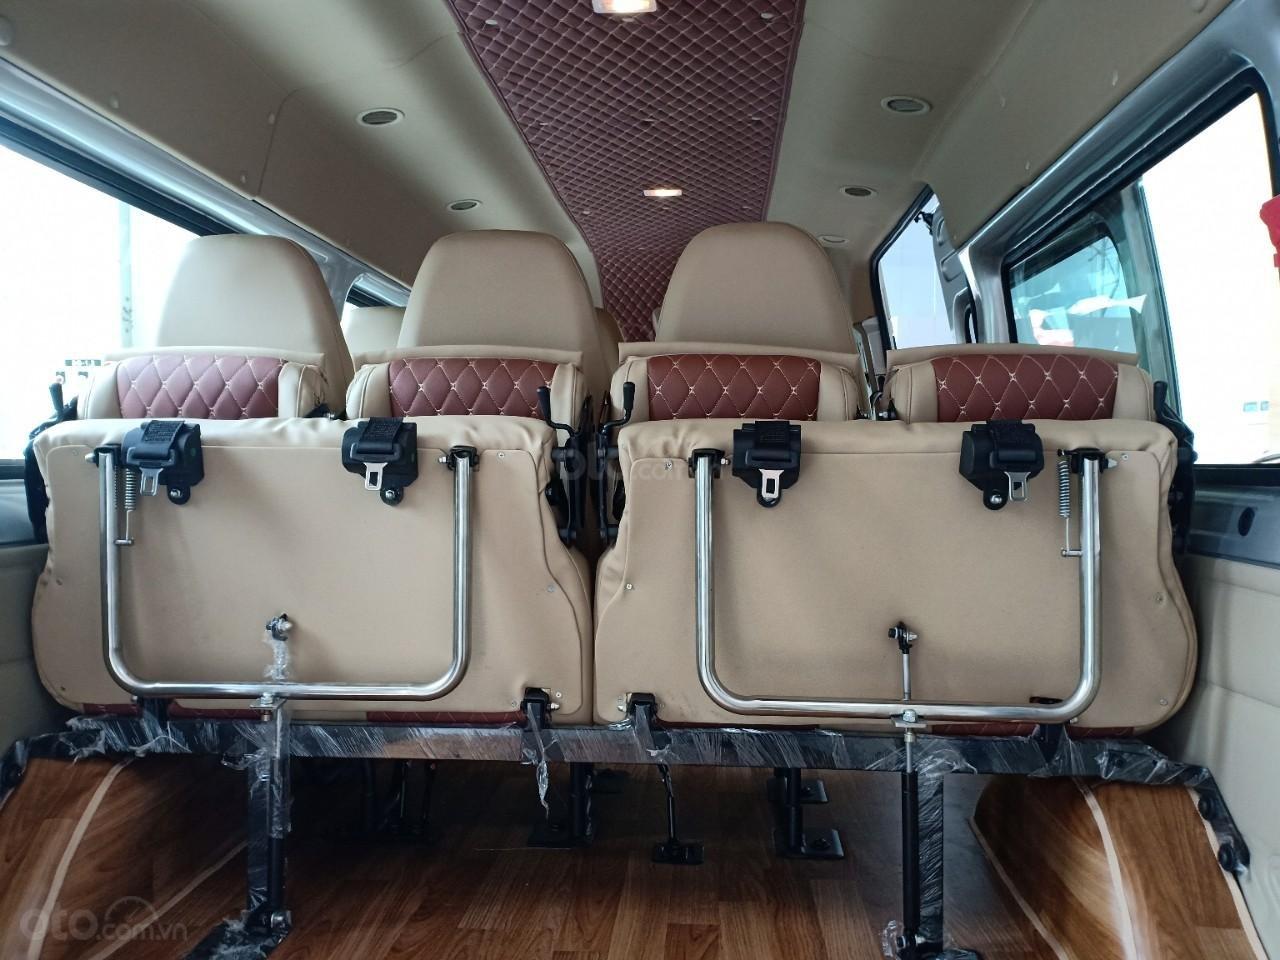 Bán Ford Transit mới, khuyến mãi lên tới 100 triệu, liên hệ Xuân Liên 089 86 89 076 (4)